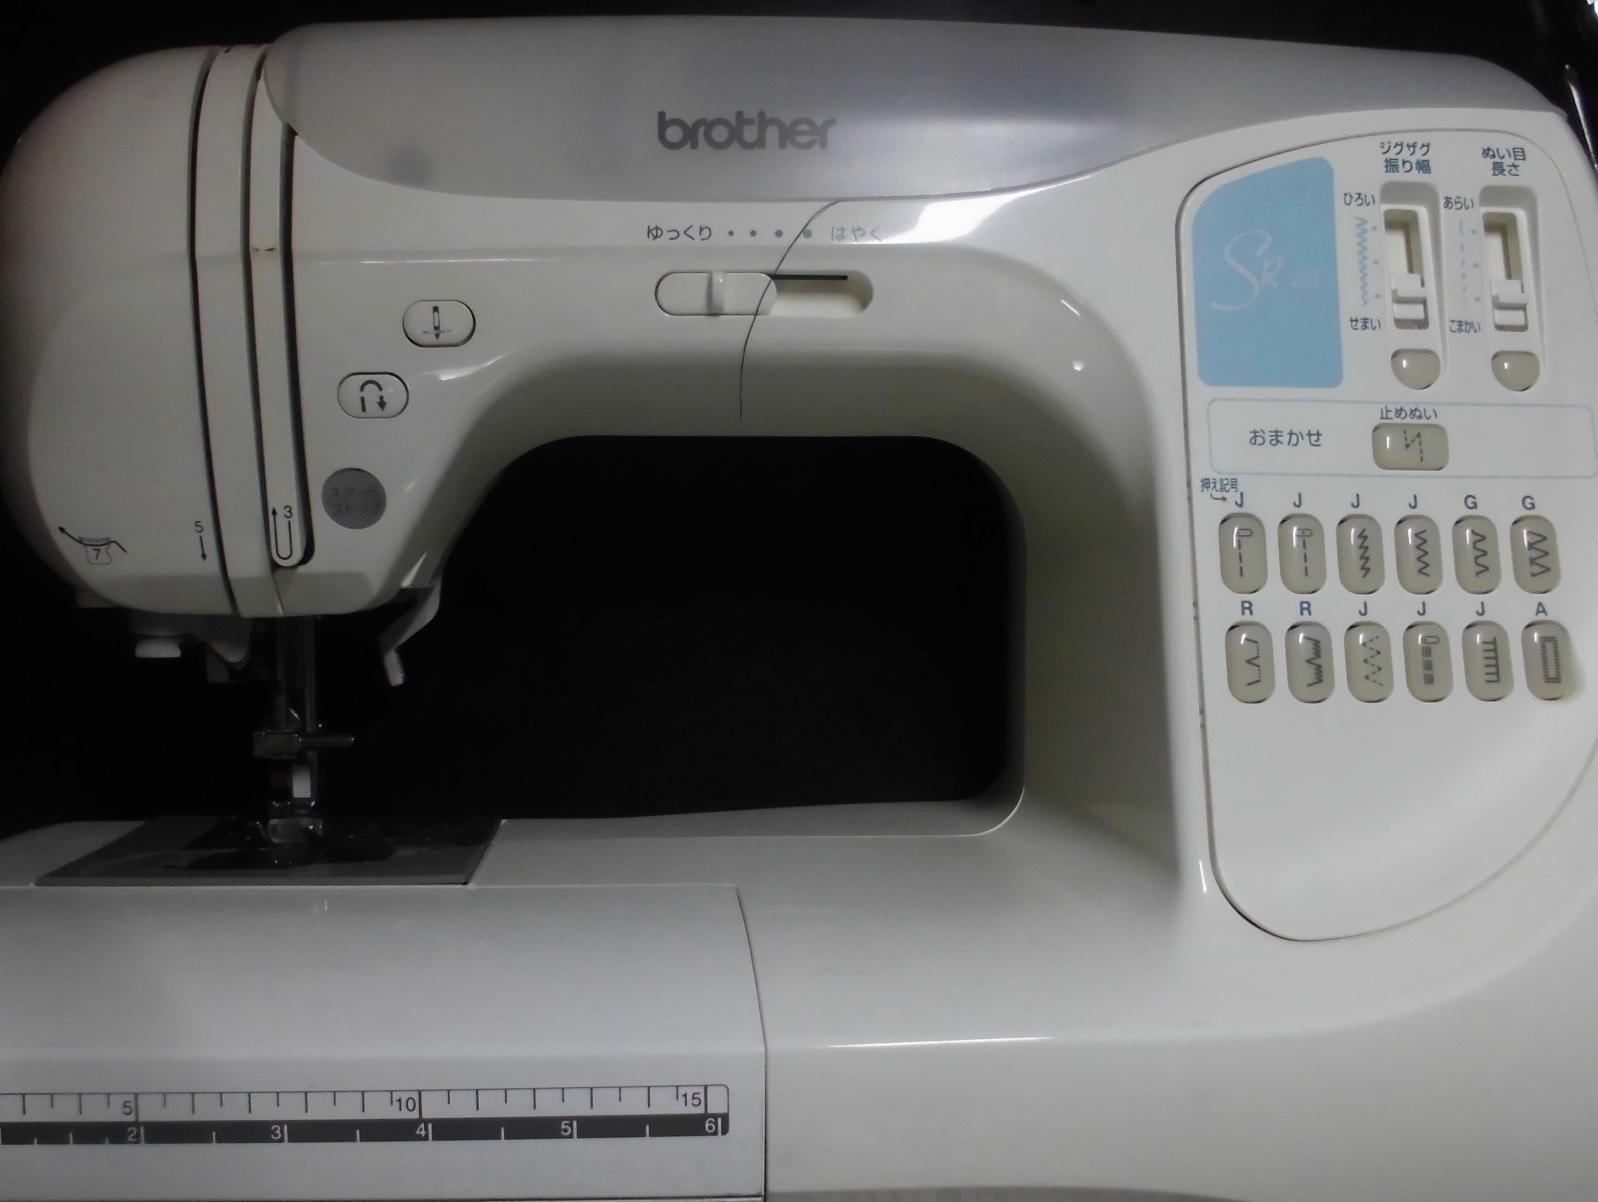 brotherミシン修理|CPS50|SR-28|動かない・縫えない